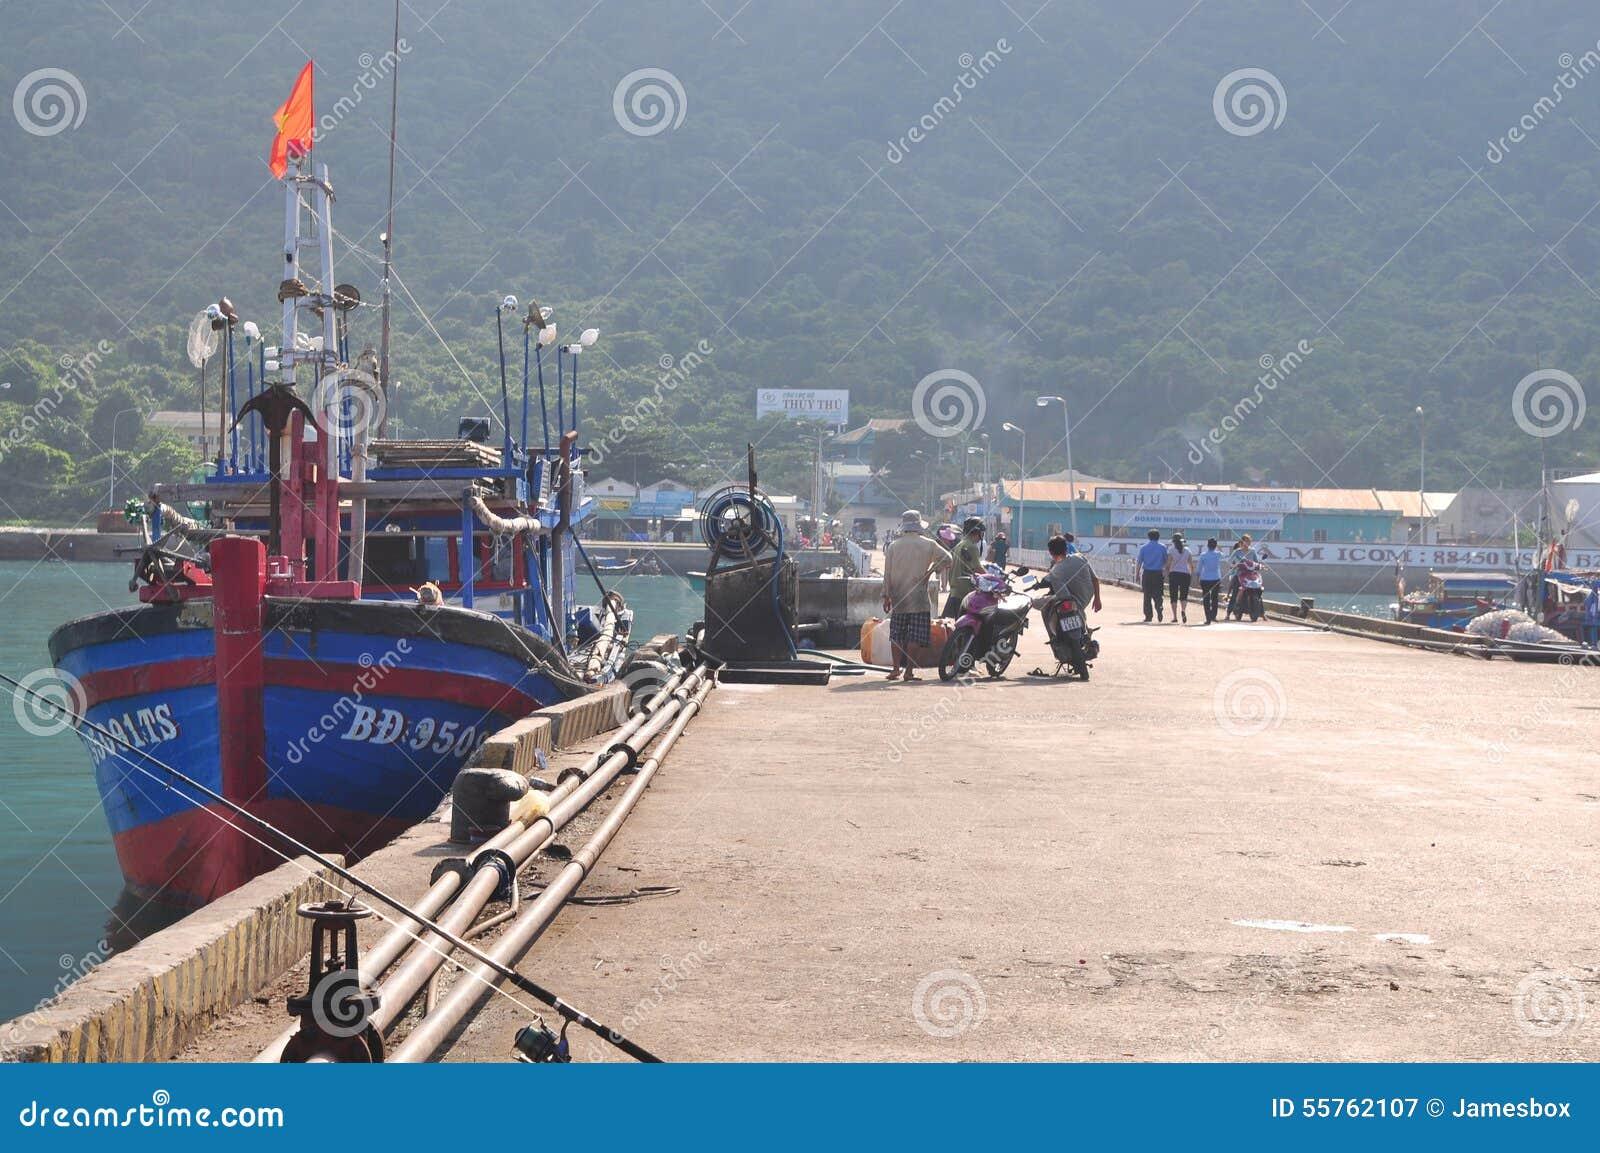 Μια επισκόπηση στο θαλάσσιο λιμένα του νησιού Con Dao με τον ψαρά και τη στάθμευση αλιευτικών σκαφών